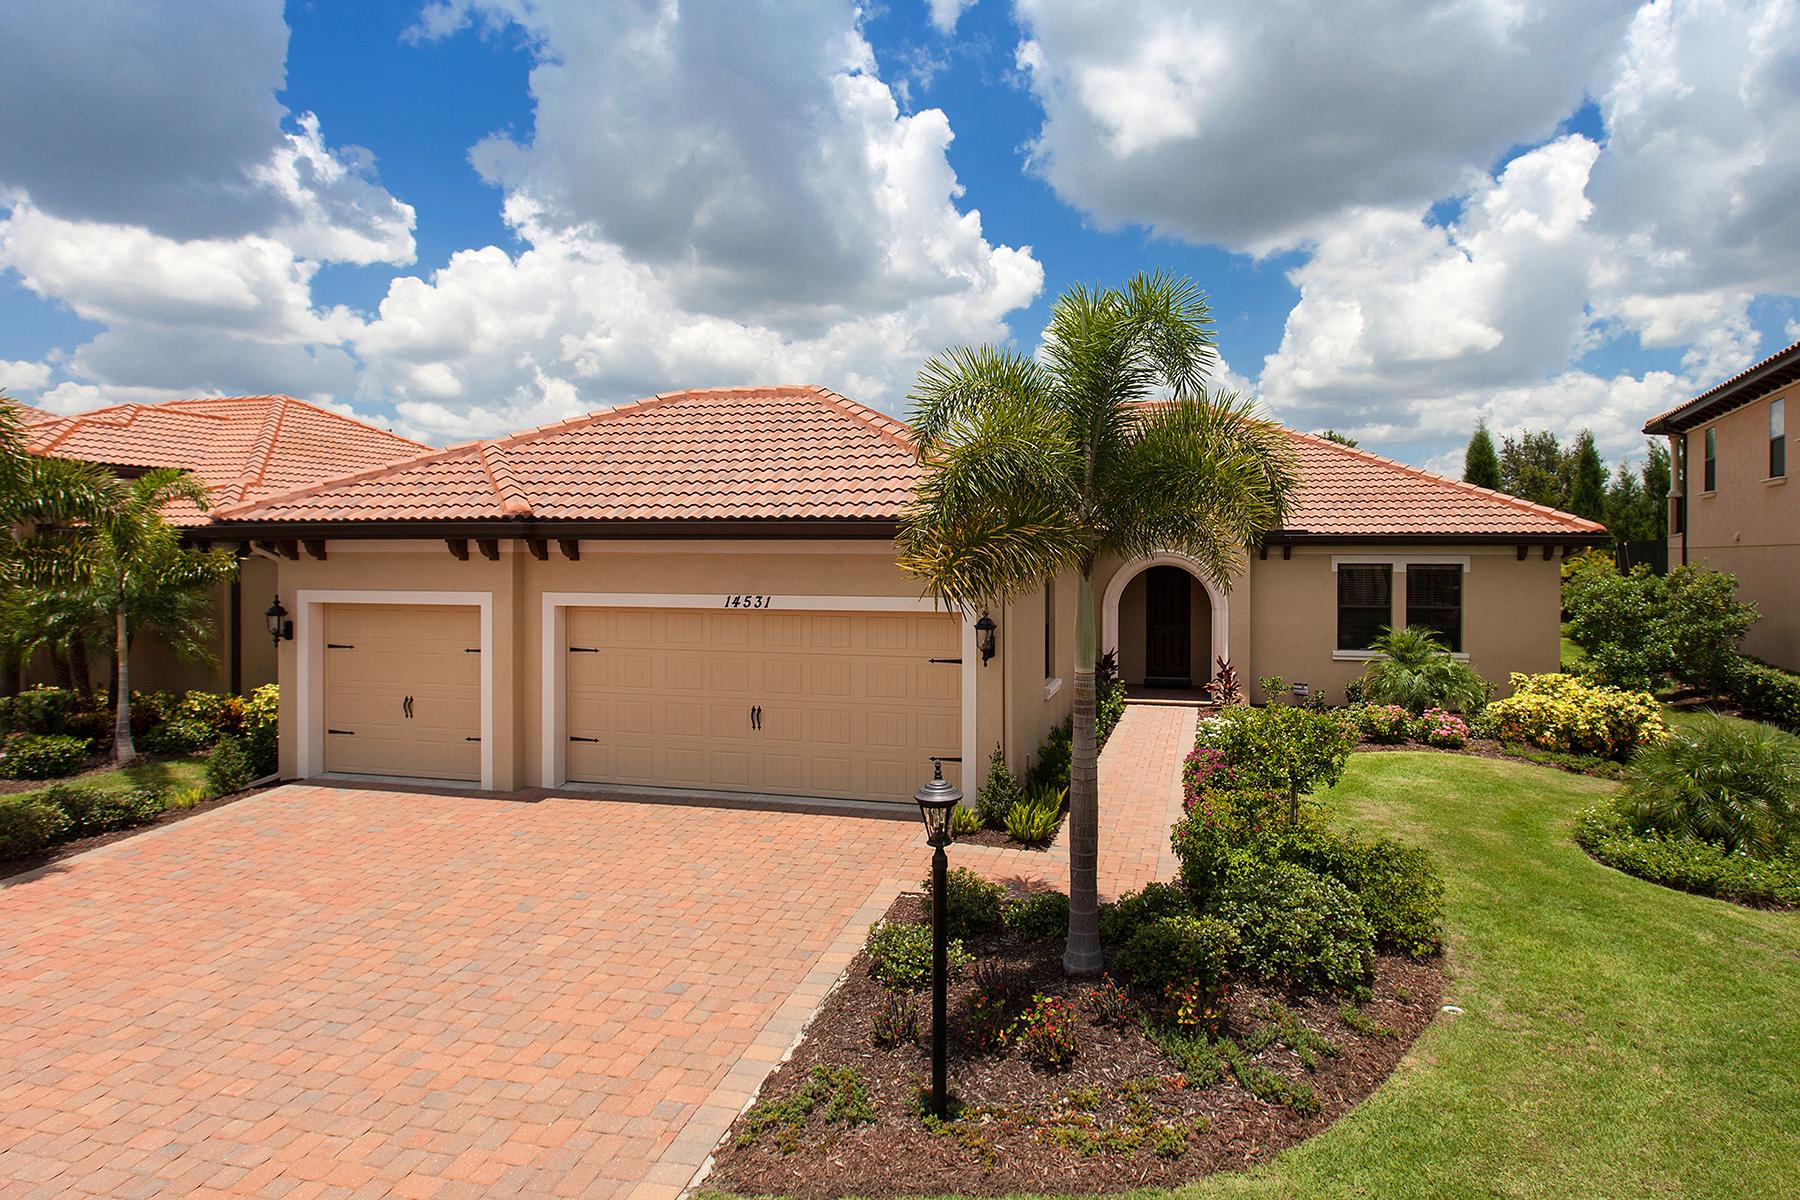 단독 가정 주택 용 매매 에 COUNTRY CLUB EAST 14531 Secret Harbor Pl Lakewood Ranch, 플로리다 34202 미국